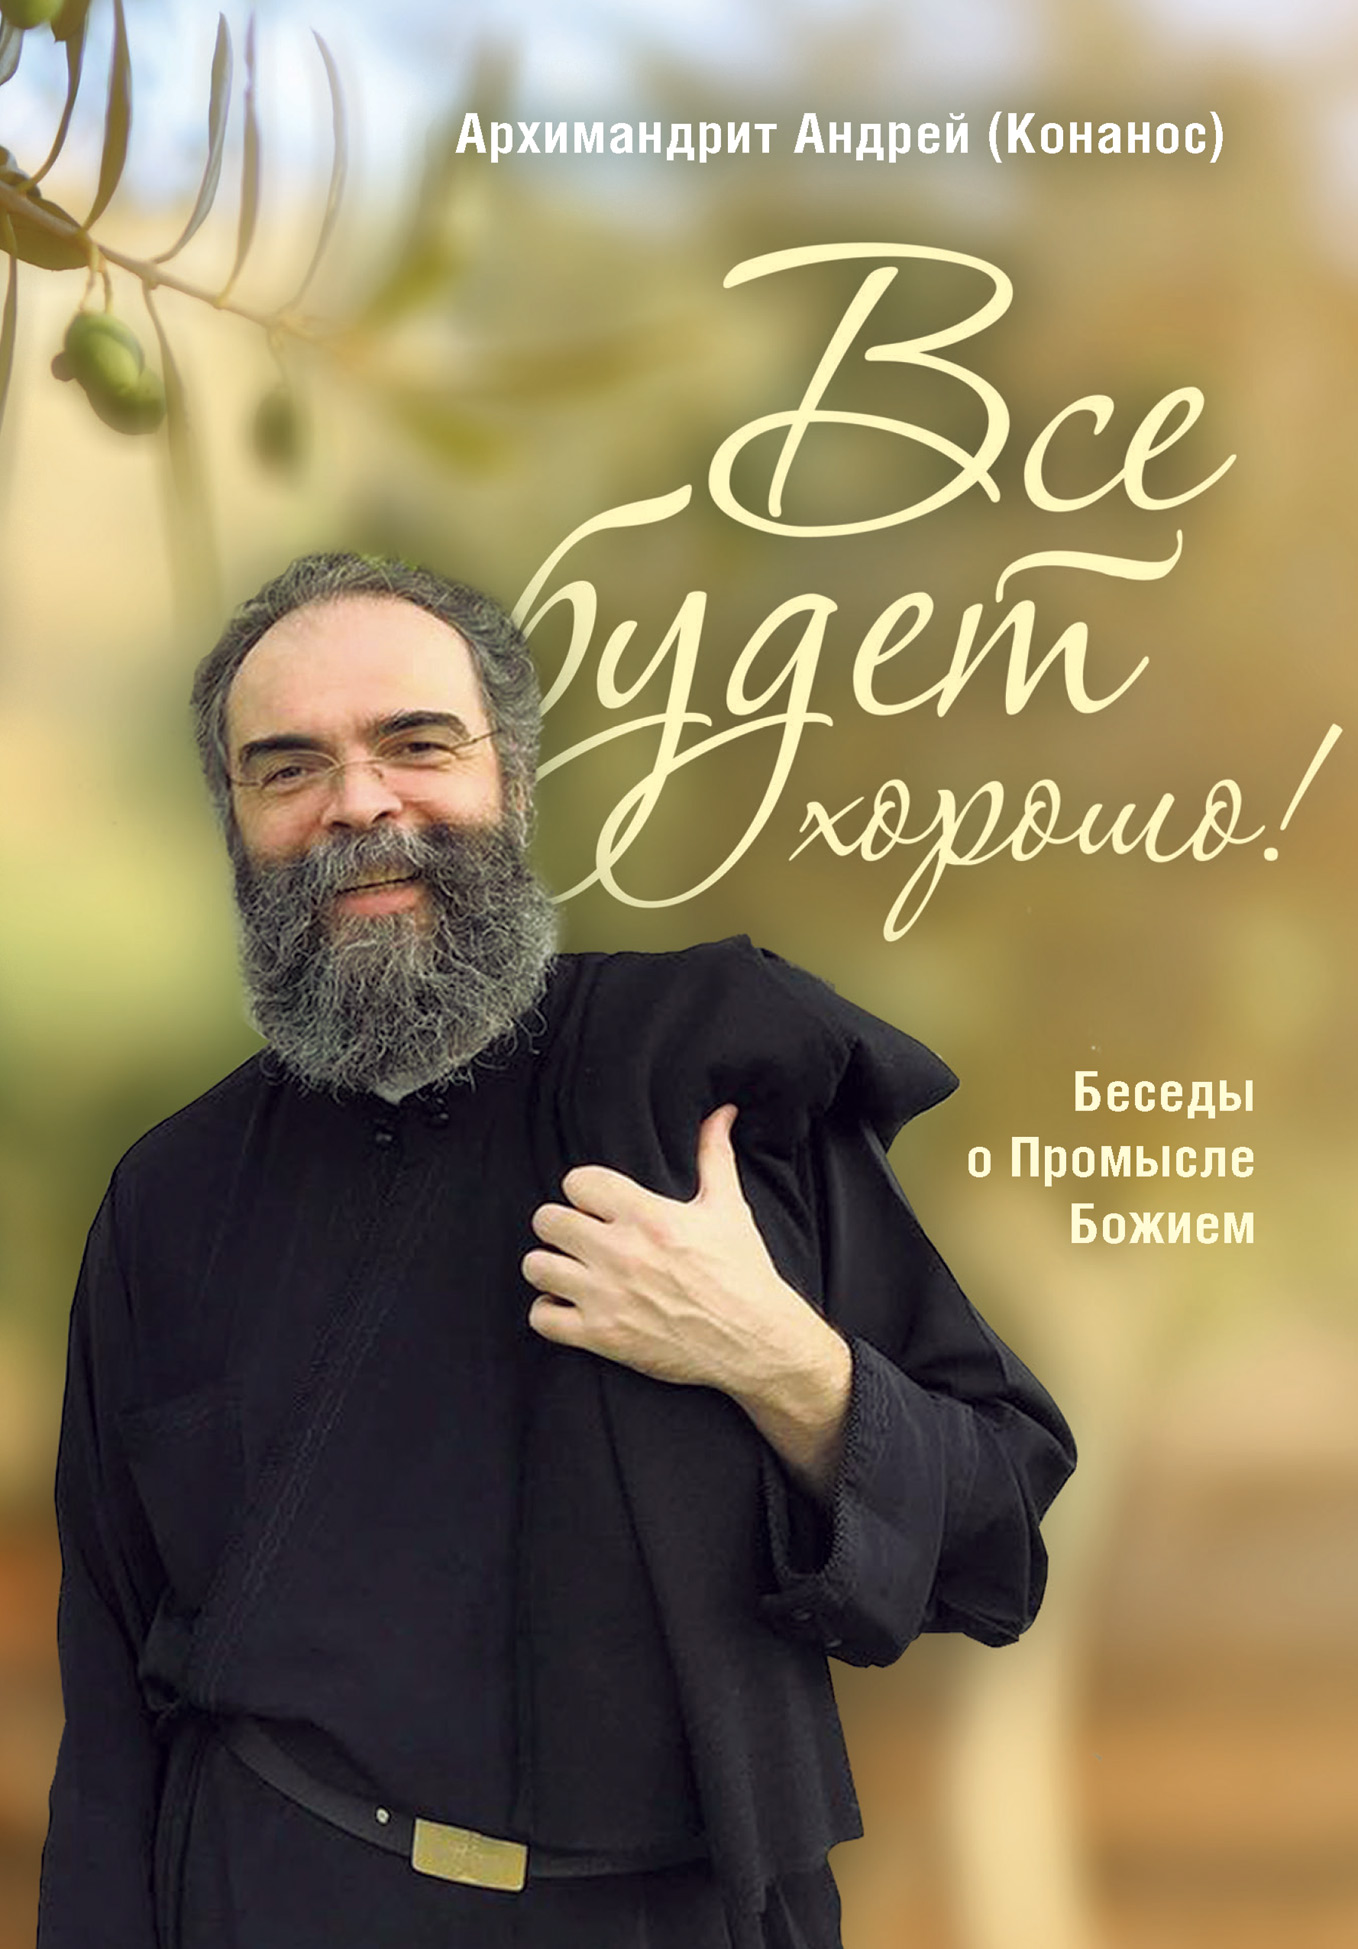 Купить книгу Все будет хорошо! Беседы о Промысле Божием, автора Андрея Конаноса